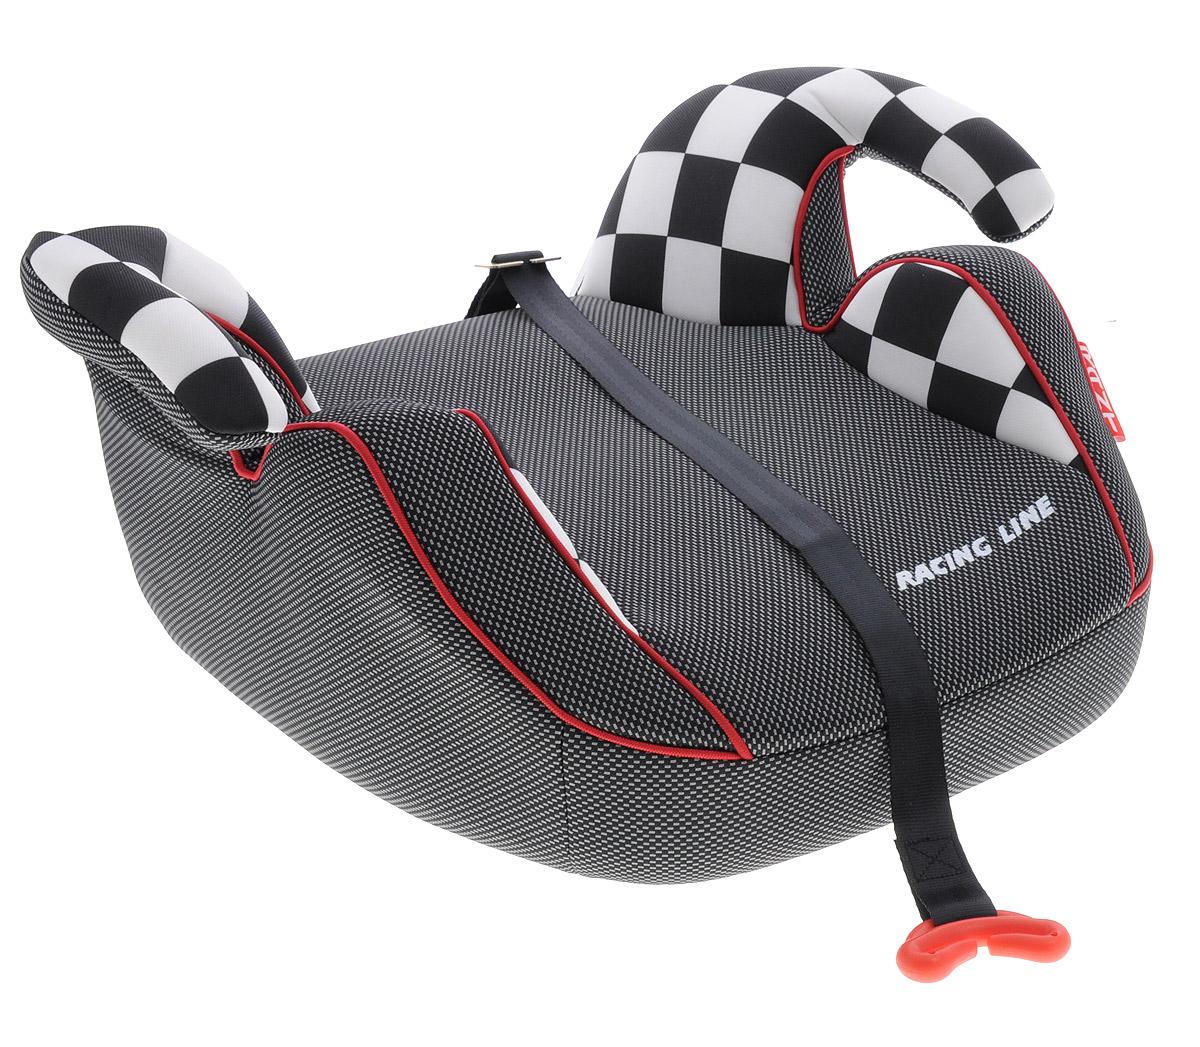 Rant Бустер Racer 15-36 кг цвет черный серый белый4630008874608Автокресло Rant Racer предназначено для детей весом от 15 до 36 кг и относится к старшей возрастной группе.Автокресло представляет собой сиденье без спинки анатомической формы с удобными подлокотниками, которые обеспечивают комфорт ребенку при длительных поездках, а также обеспечивают правильное положение рук ребенка, чтобы он меньше уставал во время поездок. Автокресло разработано для того, чтобы приподнять ребенка на необходимую высоту, чтобы автомобильный ремень безопасности правильно проходил через грудную клетку и тазобедренную часть ребенка. В конце поездки автокресло можно с легкостью и быстро убрать в багажник машины. Его также можно использовать для поездок в такси или других автомобилях, которые не оборудованы детскими автокреслами.Съемный чехол автокресла Rant Racer изготовлен из экологичной, эластичной ткани, легко чистится или стирается вручную, возможна стирка в деликатном режиме в стиральной машине при температуре 30 градусов.Автокресло устанавливается по направлению движения на заднем сиденье автомобиля, и крепится вместе с ребенком штатными автомобильными ремнями. Специальный фиксатор положения ремня поможет правильно зафиксировать ремень на уровне груди ребенка.Диагональный ремень безопасности должен проходить через грудную клетку и плечо ребенка, а не шею. Закрепляя горизонтальный ремень безопасности через подлокотники автокресла, обязательно максимально натяните его и следите за тем, чтобы он проходил через тазобедренную часть тела, а не через живот.